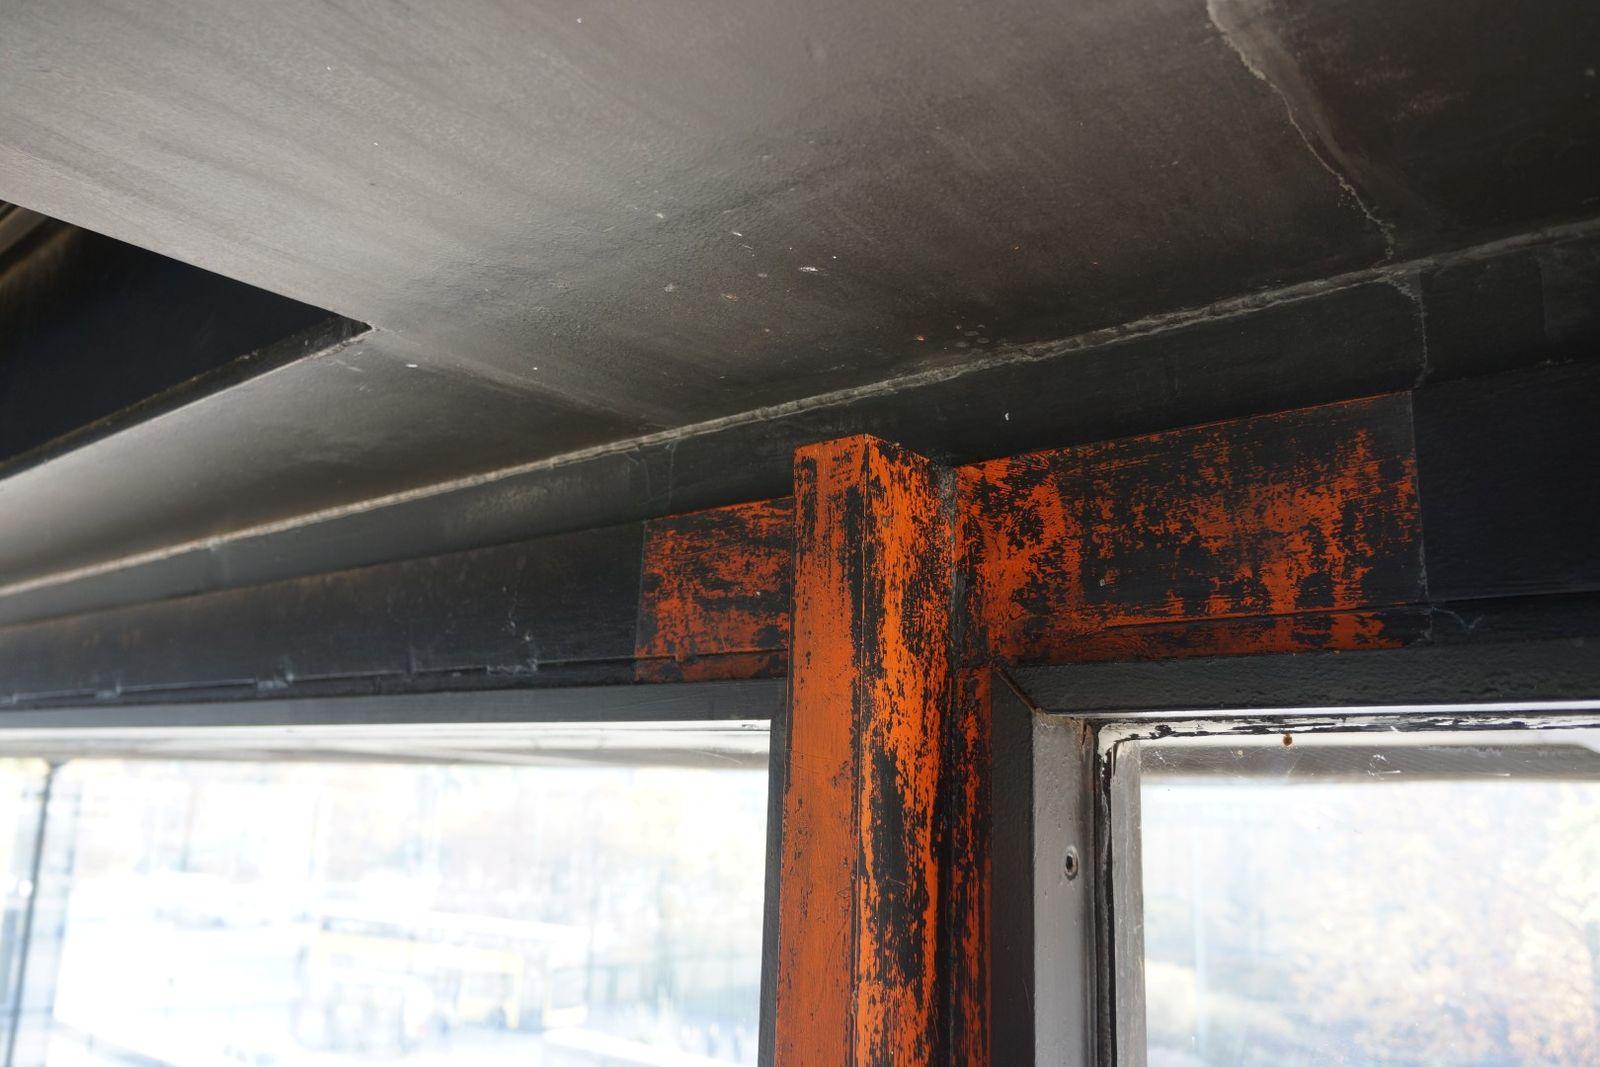 Untersuchung der Metallbeschichtung der Pfosten unter der Decke. Foto: BBR/ProDenkmal